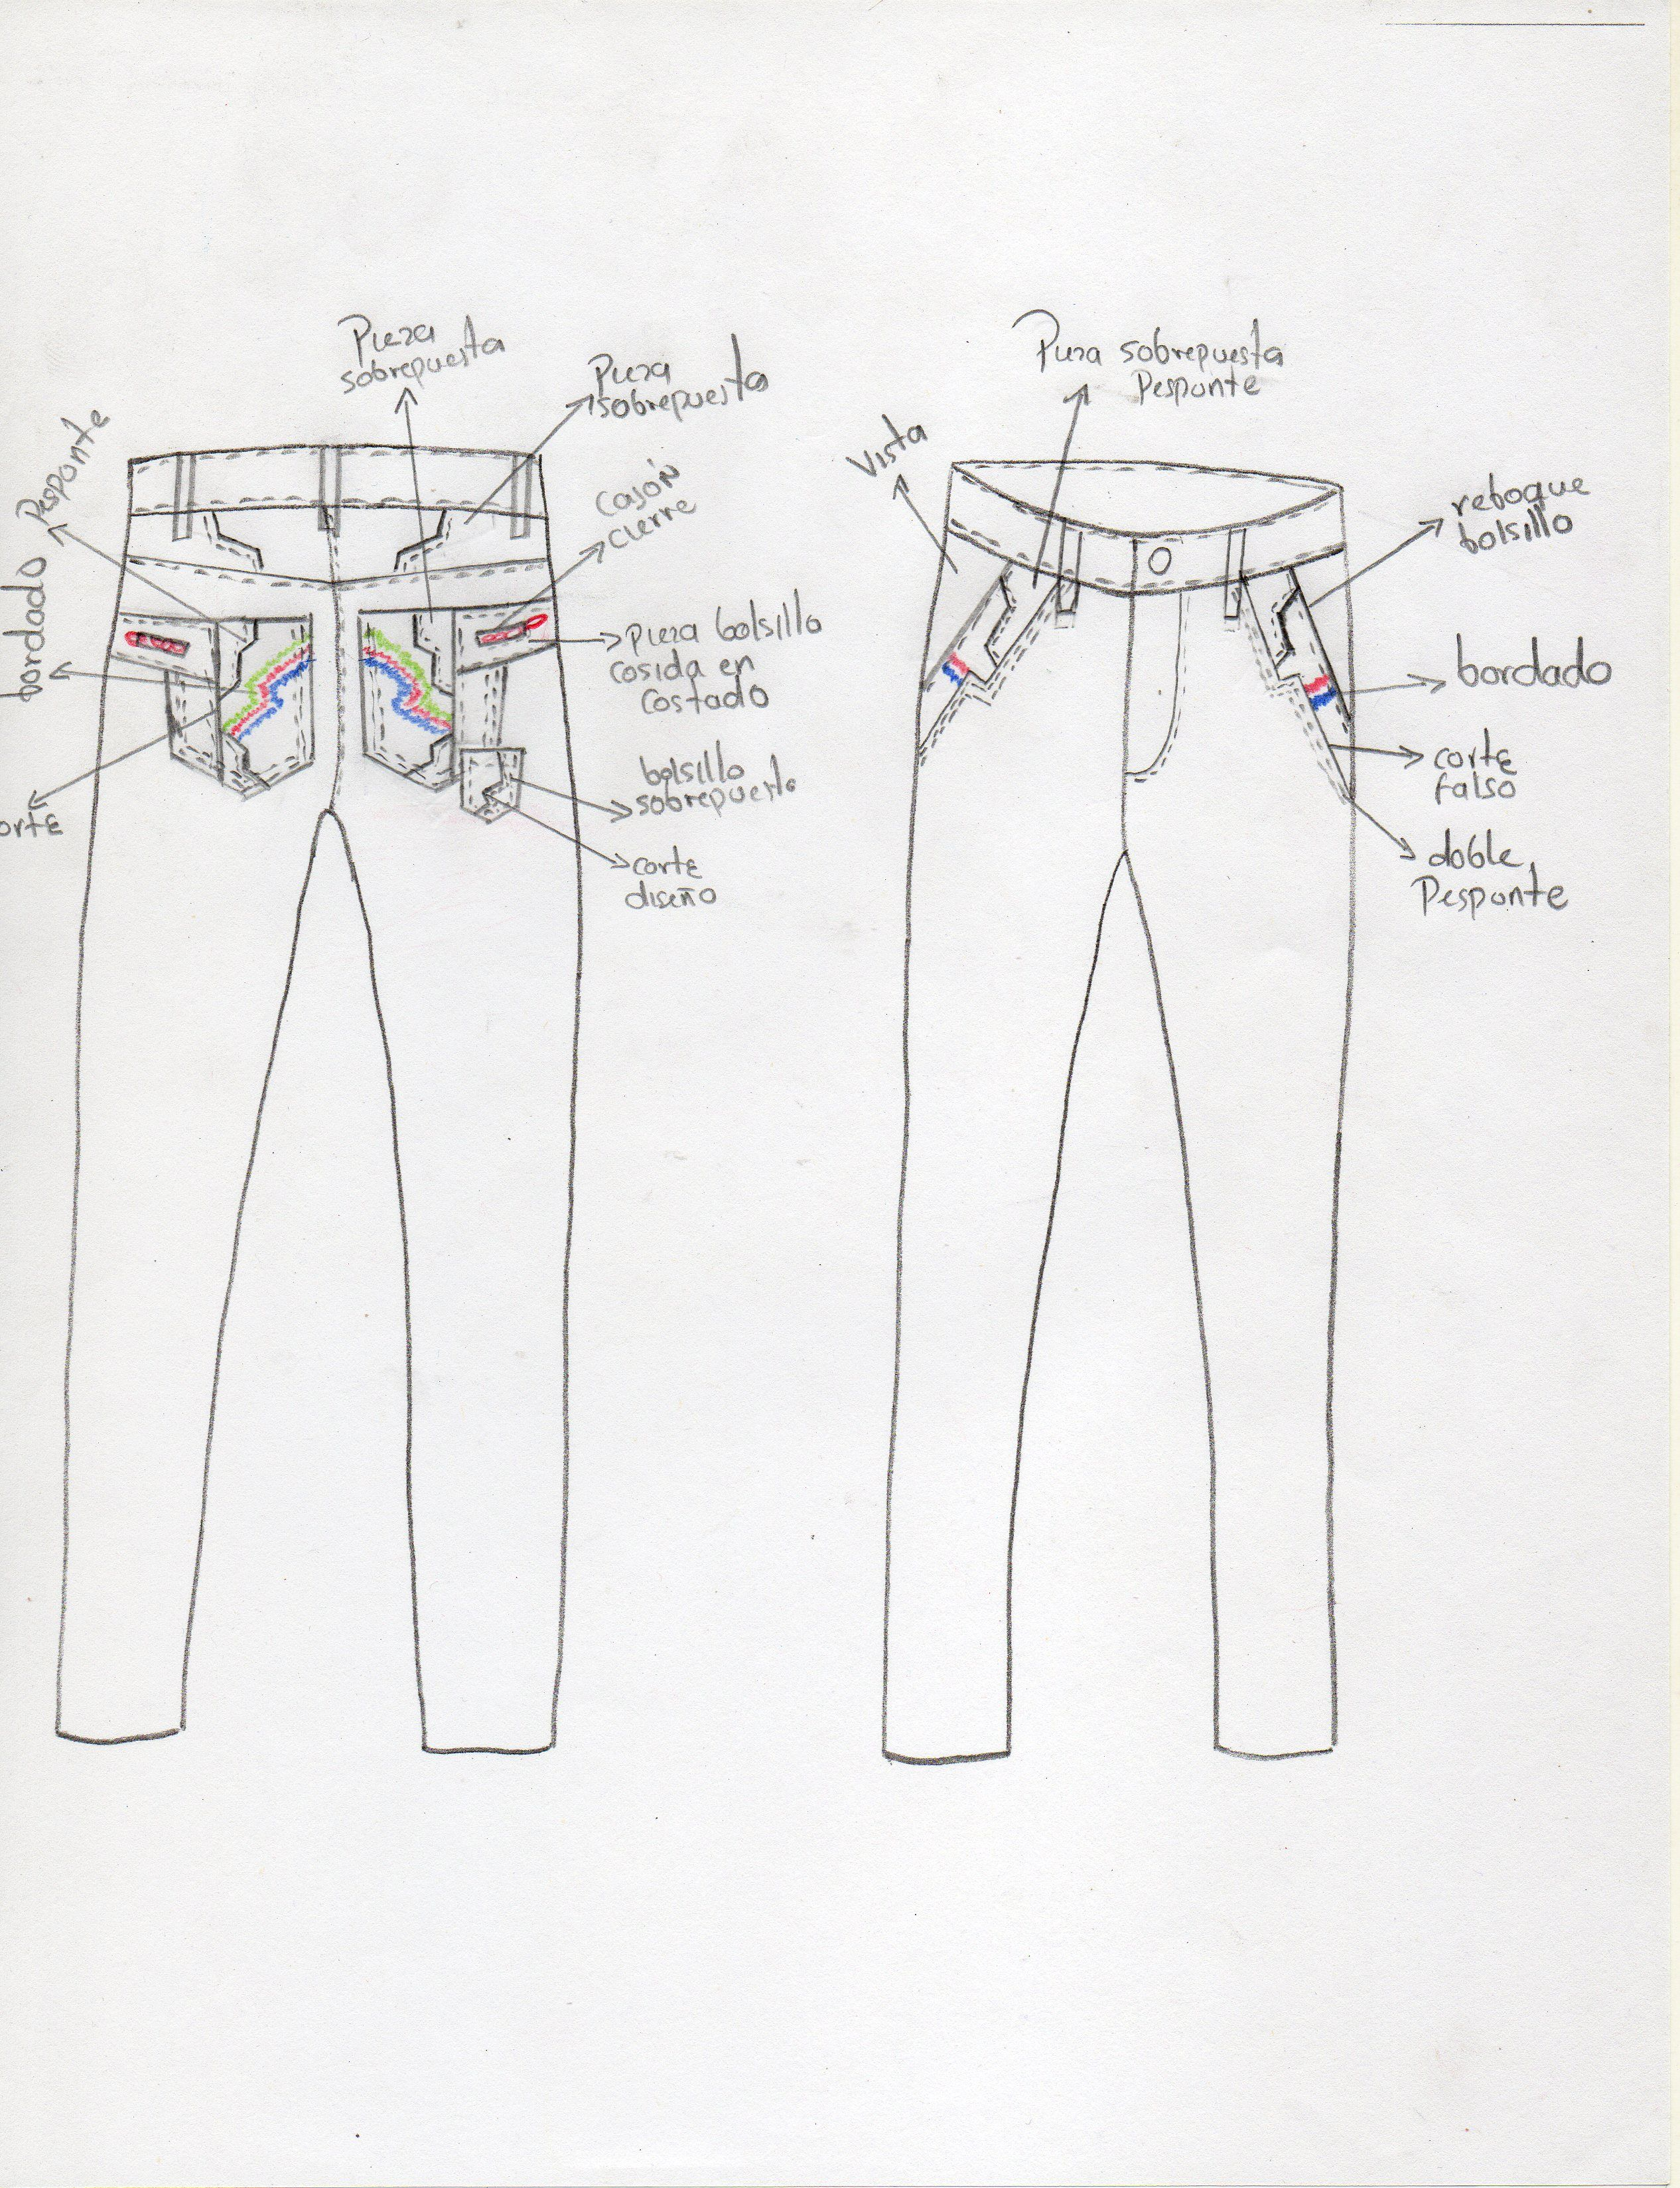 diseño de #pantalon #jeans para hombre para crear el molde ...